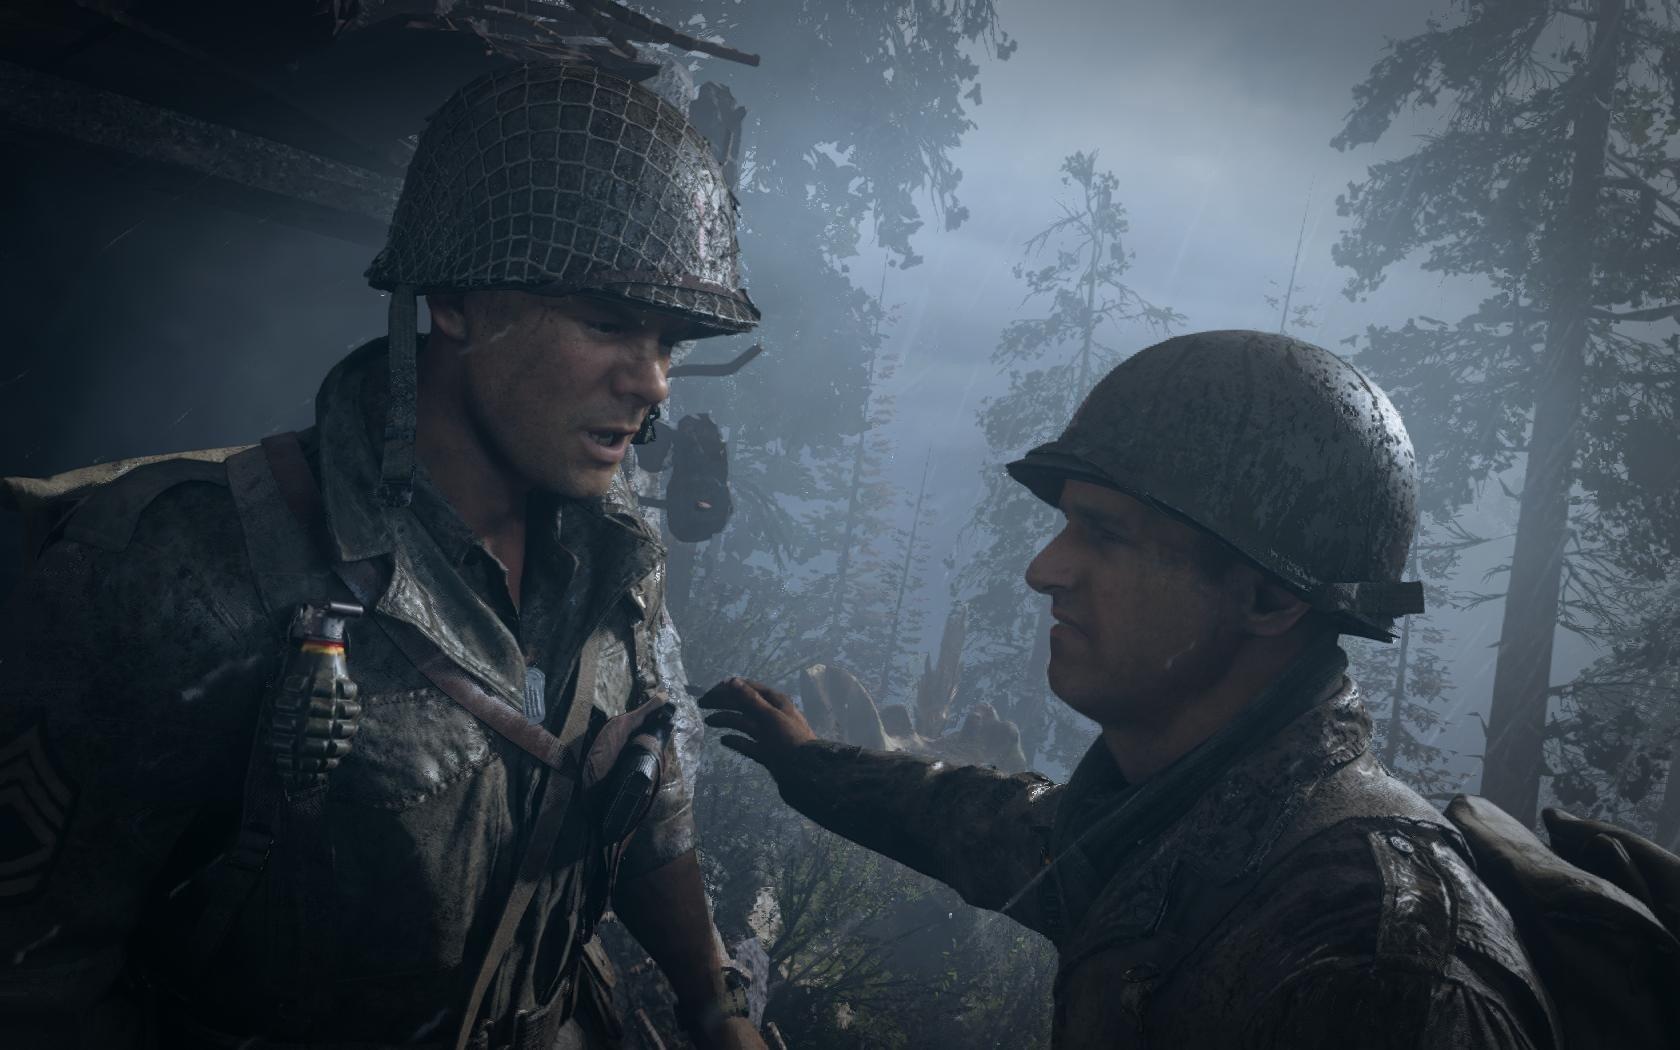 Слухи следующая часть Call of Duty будет о Второй мировой